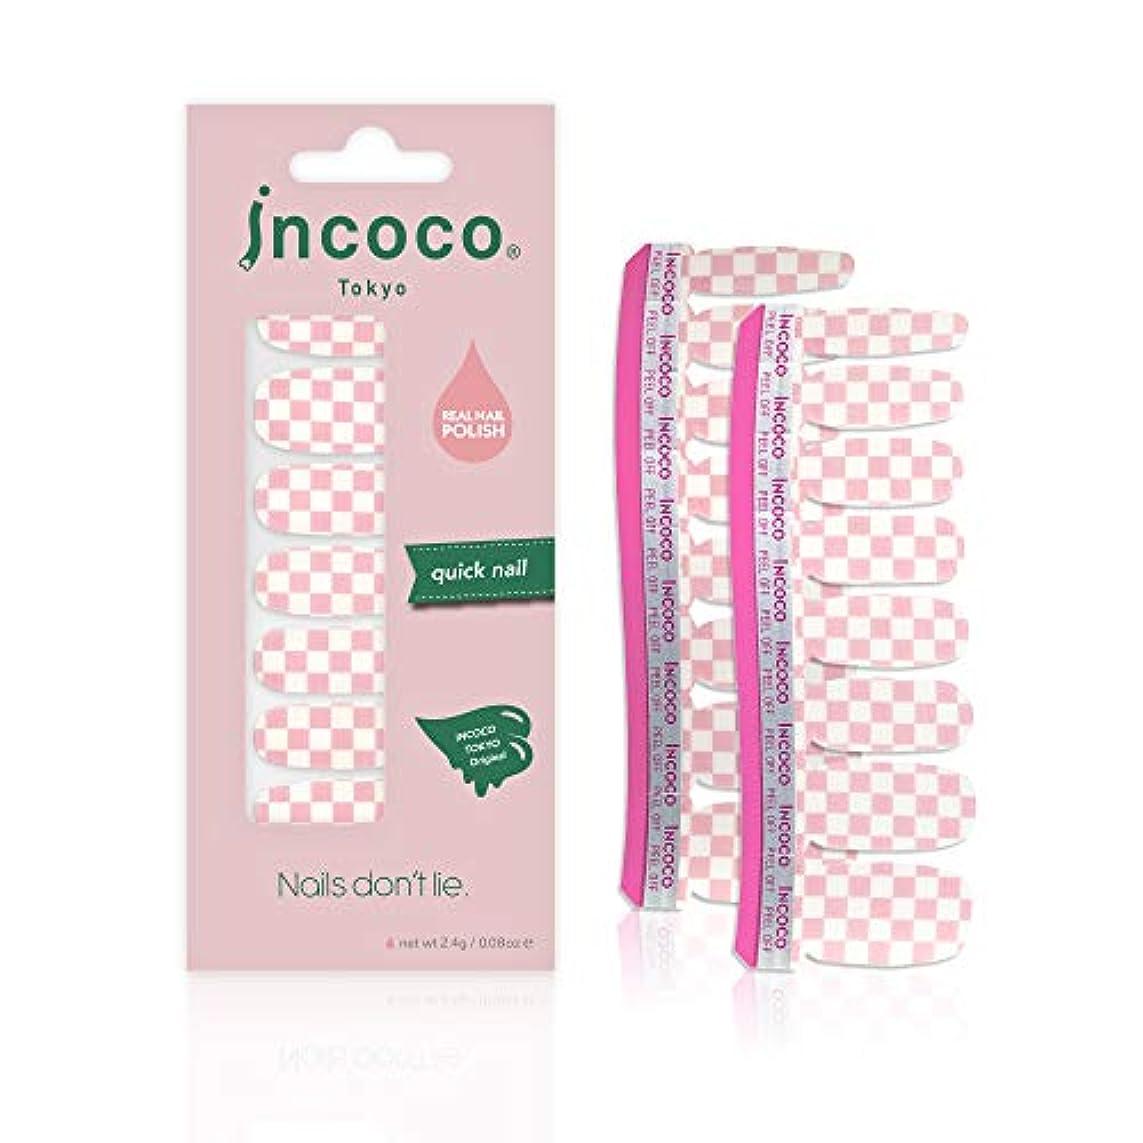 恋人改修床を掃除するインココ トーキョー 「ピンク チェッカー」 (Pink Checker)